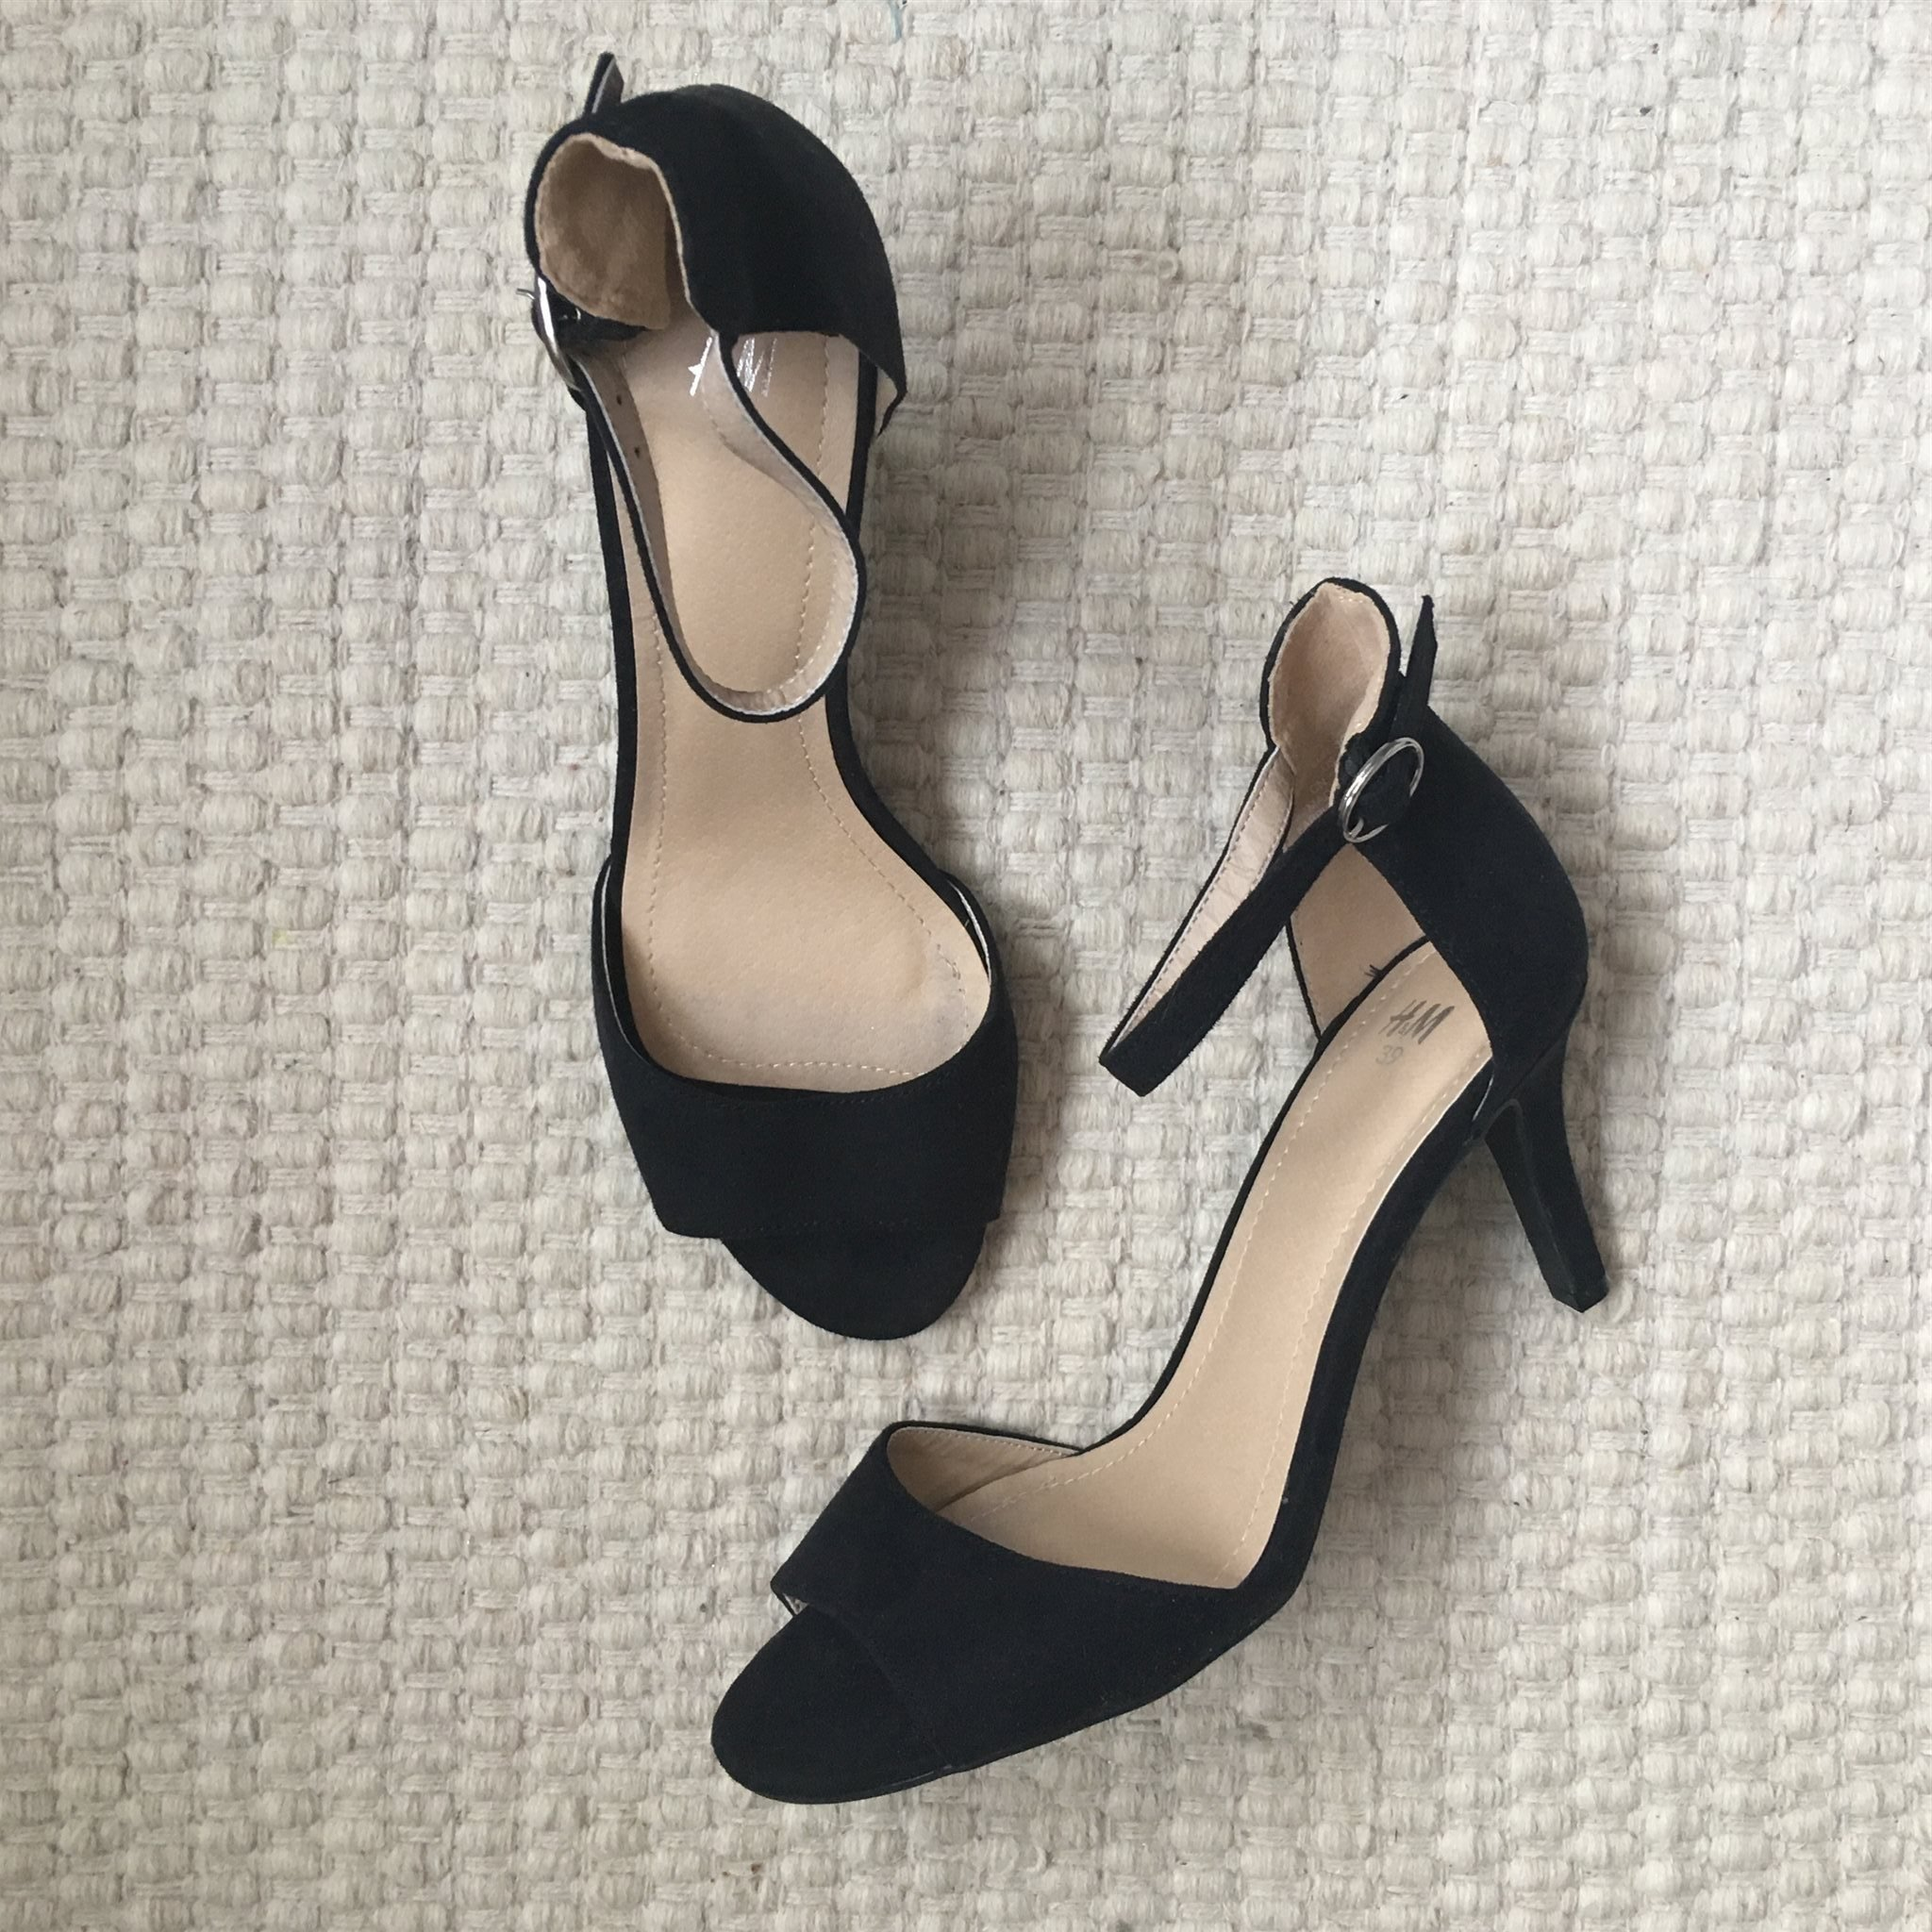 fantastiskt pris stor rabatt toppmode fina högklackade skor